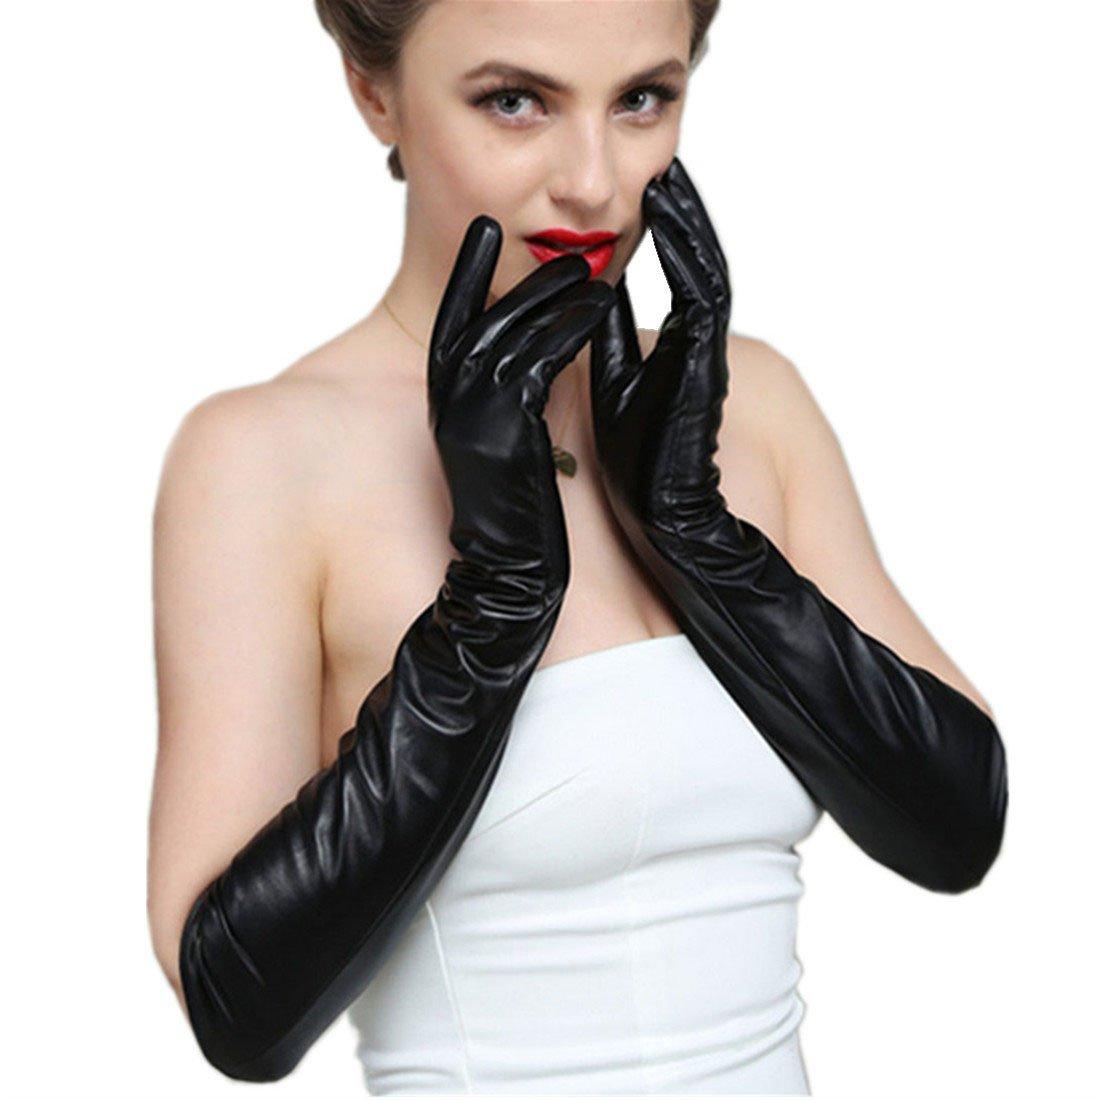 D.King Women Lambskin Leather Gloves Touchscreen Long Evening Dress Driving Gloves